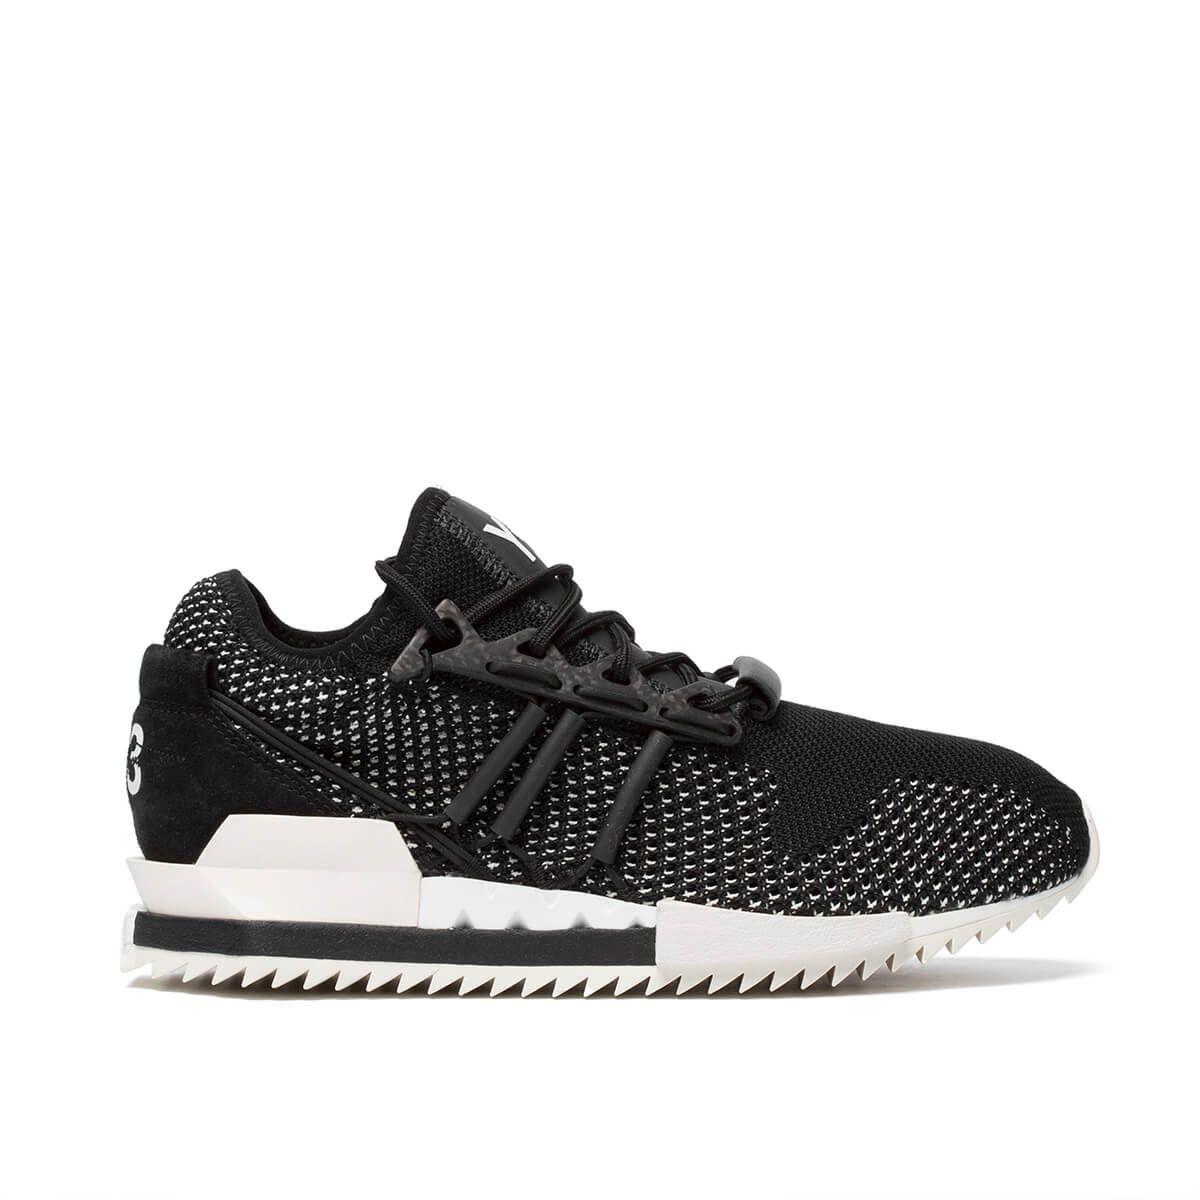 Y-3 Harigane Sneakers in Black